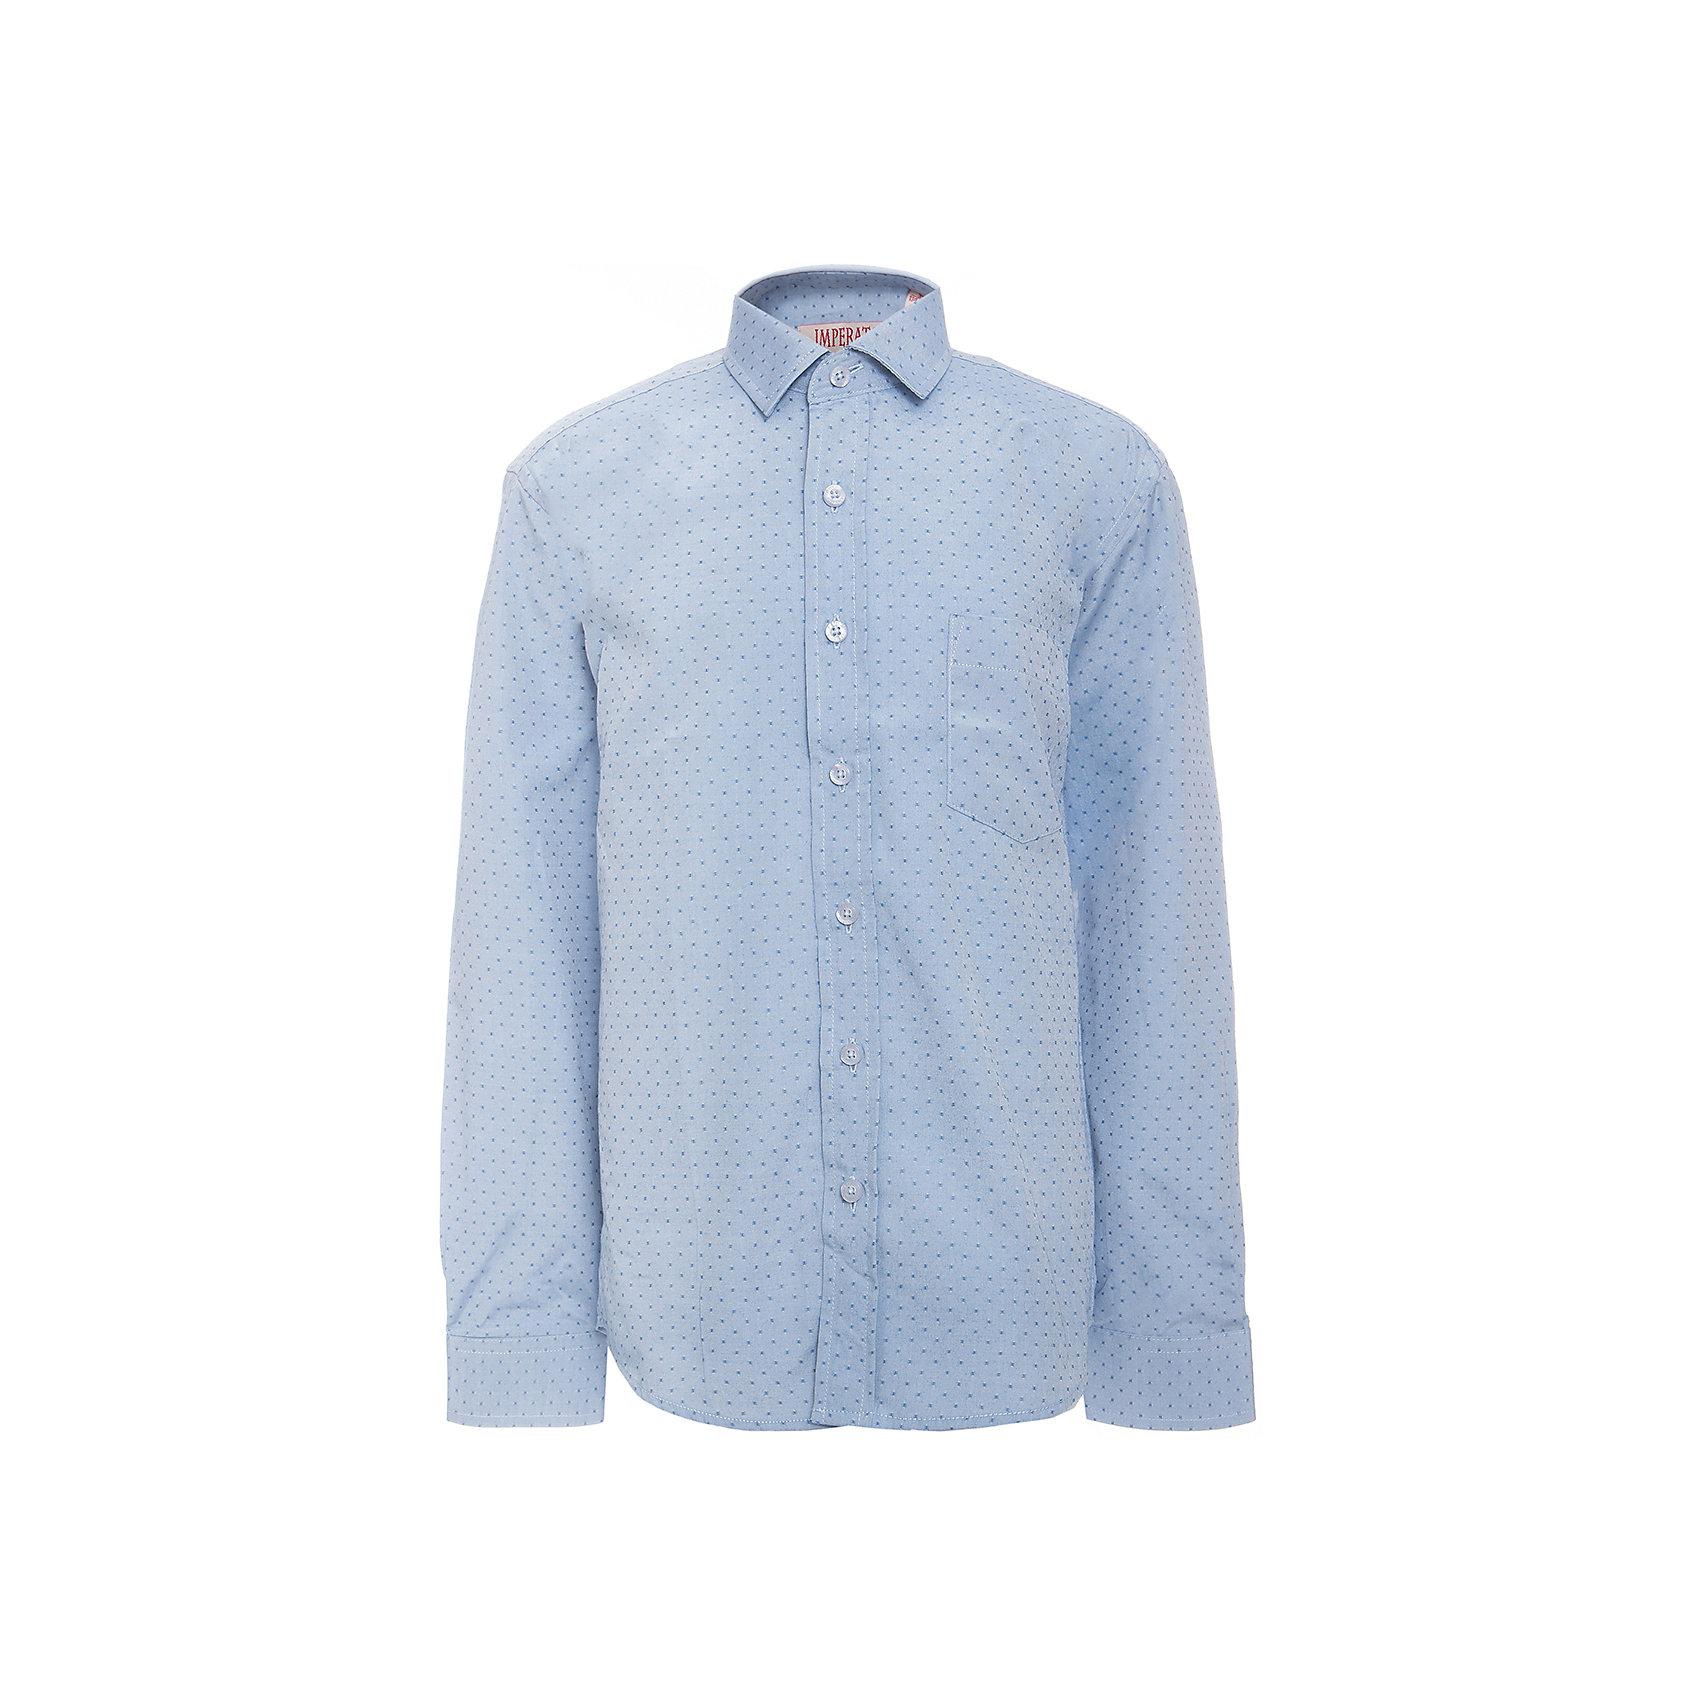 Рубашка для мальчика ImperatorБлузки и рубашки<br>Характеристики товара:<br><br>• цвет: голубой<br>• состав ткани: 65% хлопок, 35% полиэстер<br>• особенности: школьная, праздничная<br>• застежка: пуговицы<br>• рукава: длинные<br>• сезон: круглый год<br>• страна бренда: Российская Федерация<br>• страна изготовитель: Китай<br><br>Классическая сорочка для мальчика - отличный вариант практичной и стильной школьной одежды.<br><br>Накладной карман, свободный покрой, дышащая ткань с преобладанием хлопка - красиво и удобно.<br><br>Рубашку для мальчика Imperator (Император) можно купить в нашем интернет-магазине.<br><br>Ширина мм: 174<br>Глубина мм: 10<br>Высота мм: 169<br>Вес г: 157<br>Цвет: голубой<br>Возраст от месяцев: 132<br>Возраст до месяцев: 144<br>Пол: Мужской<br>Возраст: Детский<br>Размер: 152/158,152/158,158/164,164/170,122/128,128/134,134/140,140/146,146/152,146/152<br>SKU: 6860776